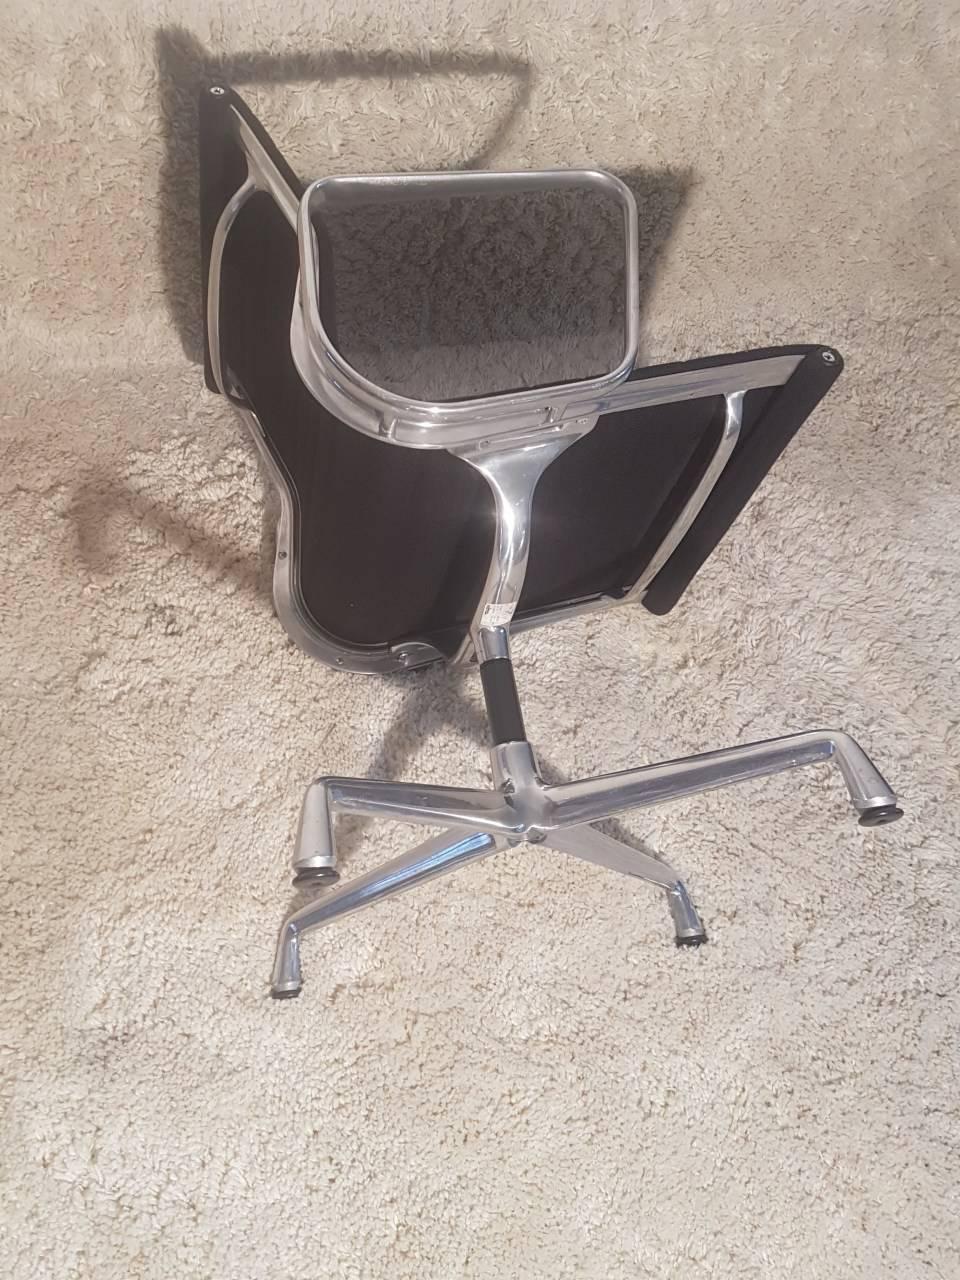 12 fauteuils design vintage charles eames benoit de moffarts vide grenier - Fauteuil charles eams ...